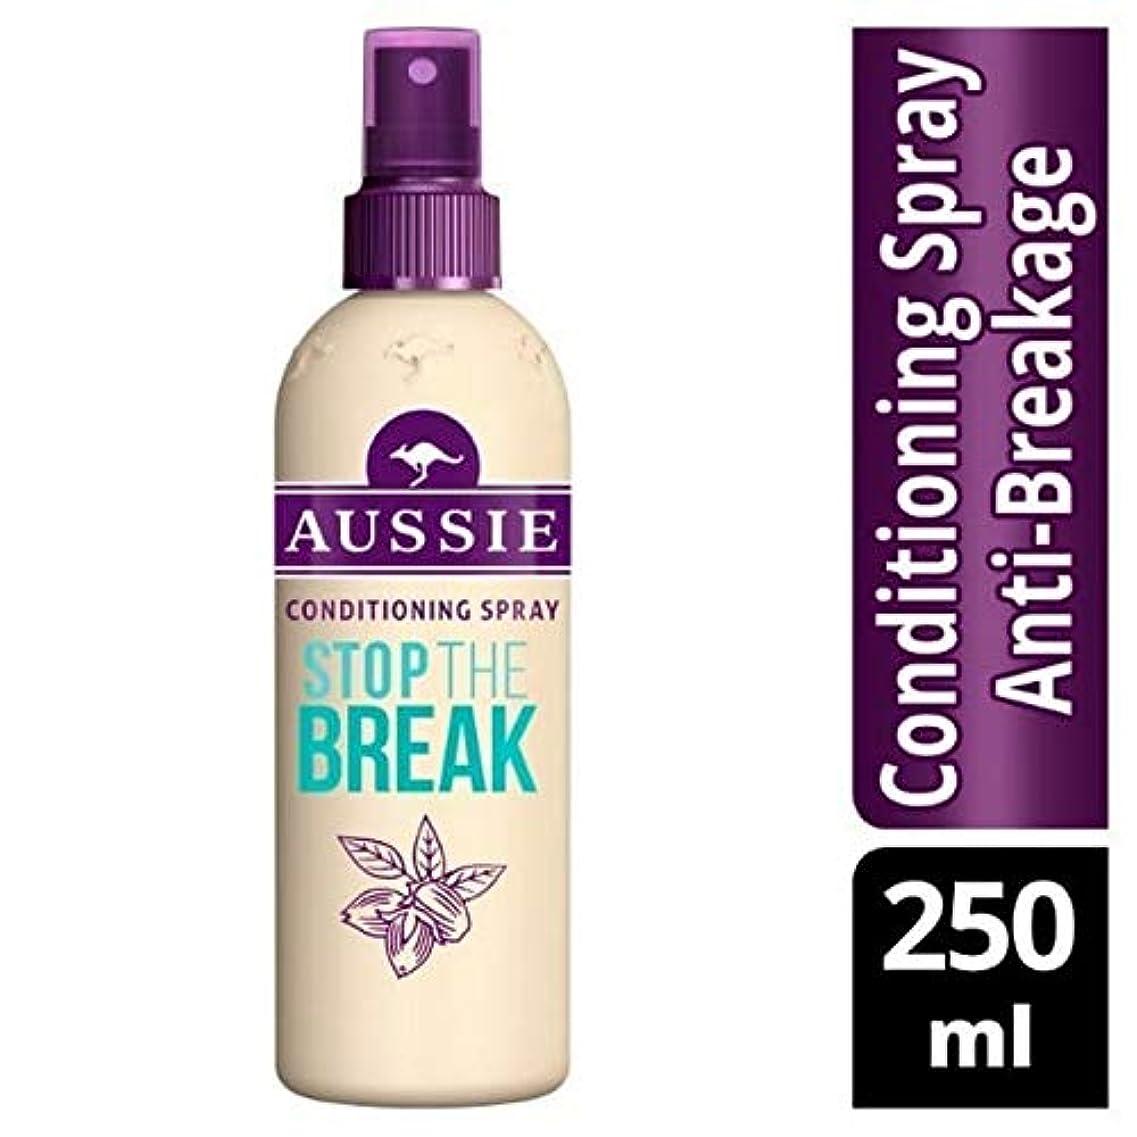 アンカー母音ジュニア[Aussie ] オージーはブレーク保護&コンディショニングスプレー250ミリリットルを停止します - Aussie Stop The Break Protection & Conditioning Spray 250ml...